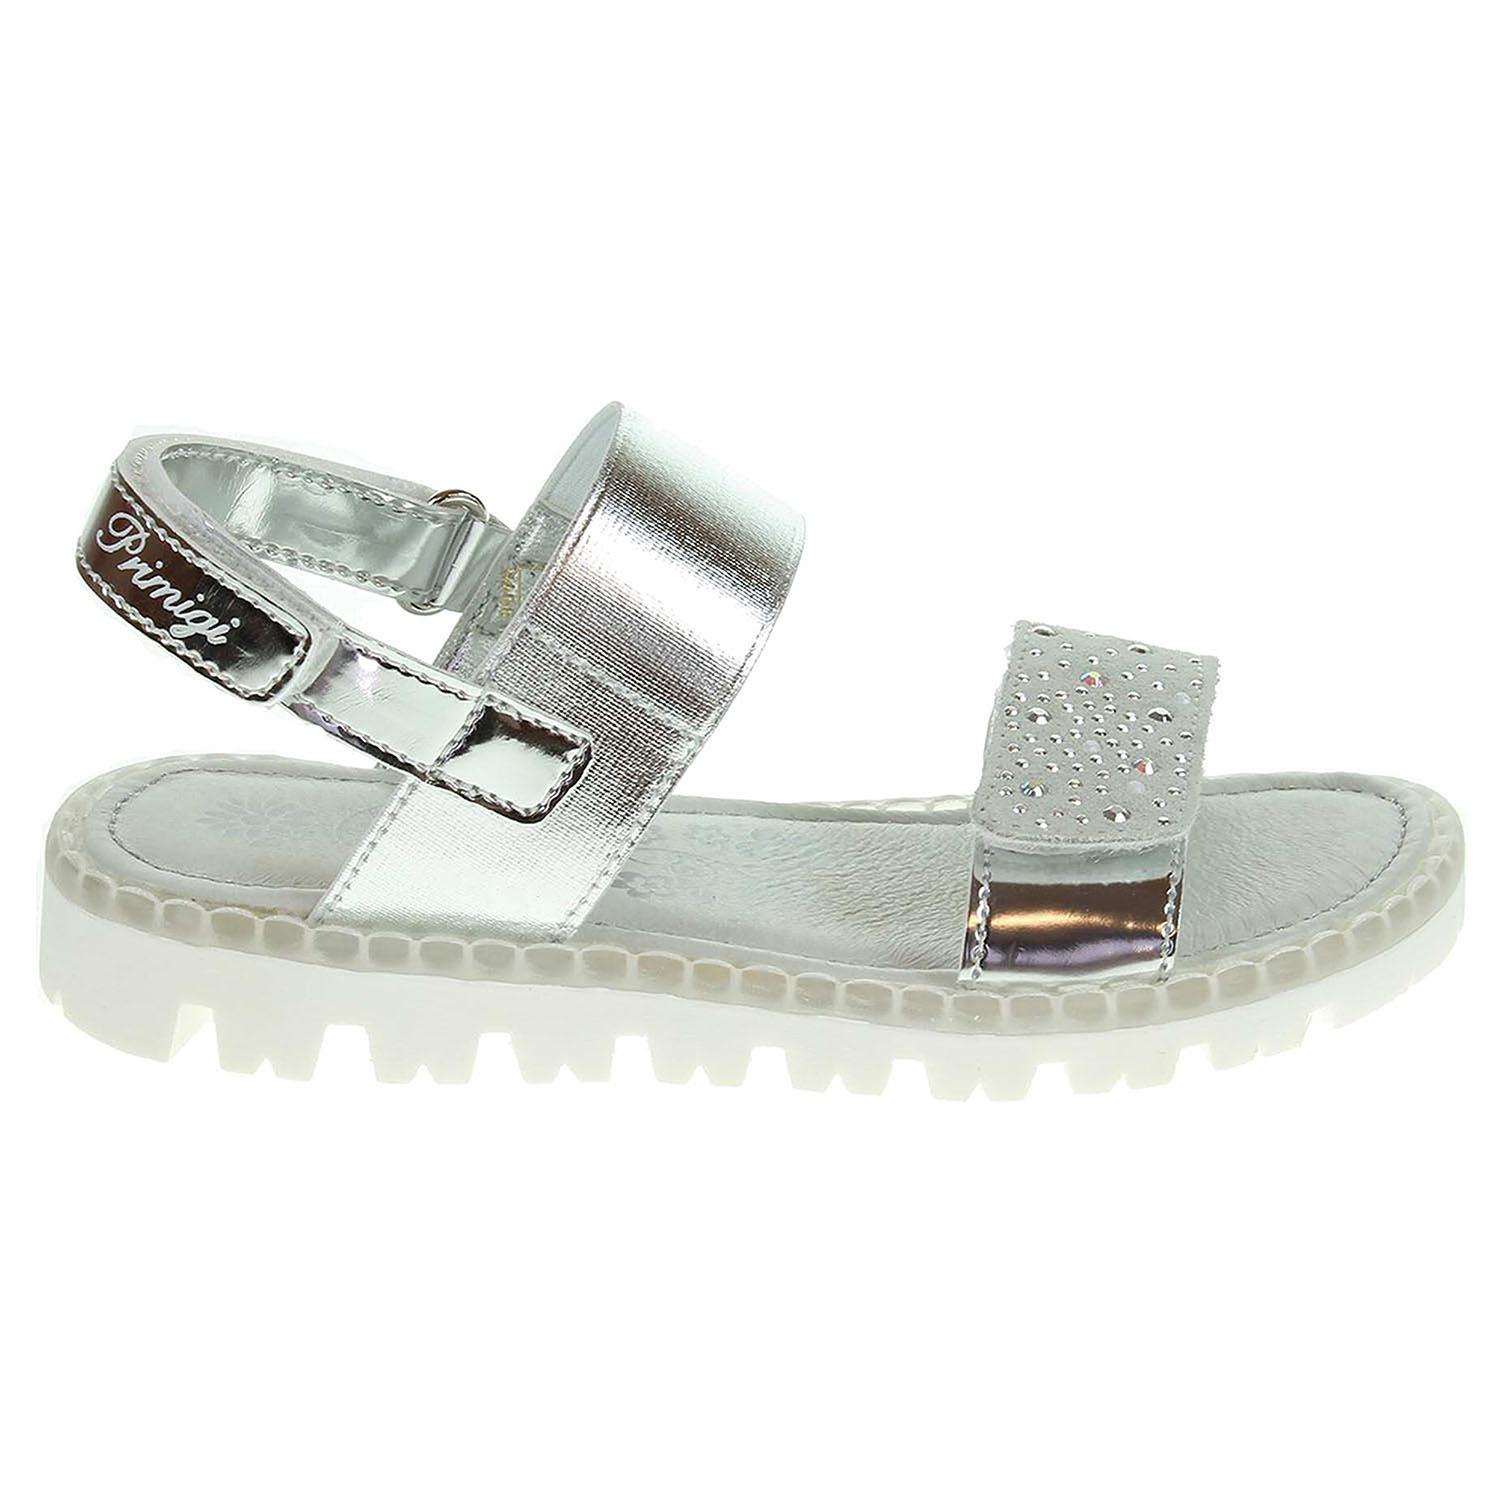 Ecco Primigi dívčí sandály 7103100 stříbrné 26100119